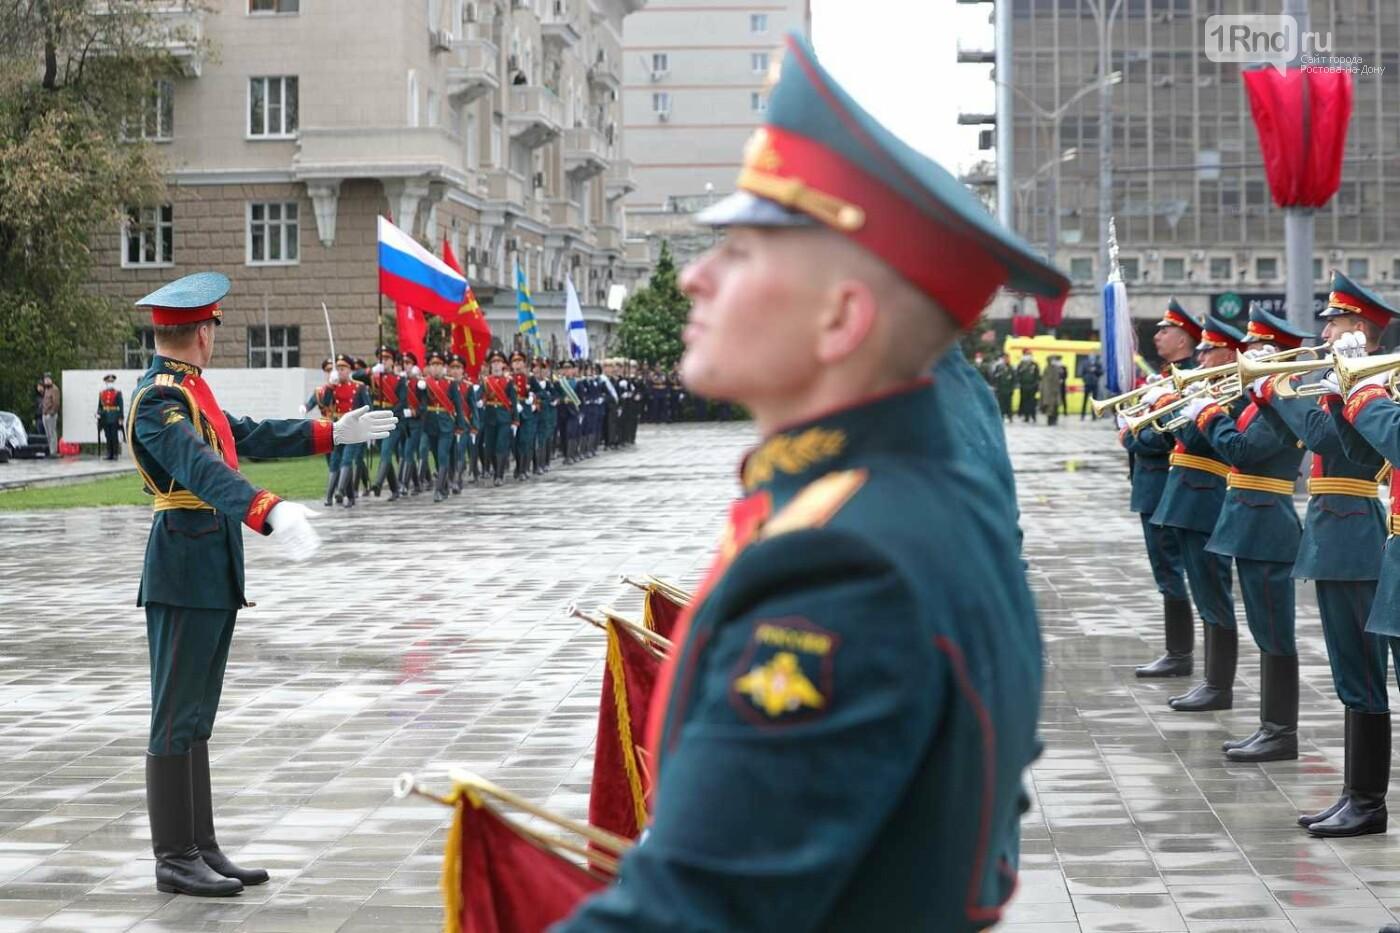 Первые лица Ростовской области пришли на торжества в честь Дня Победы без масок, фото-2